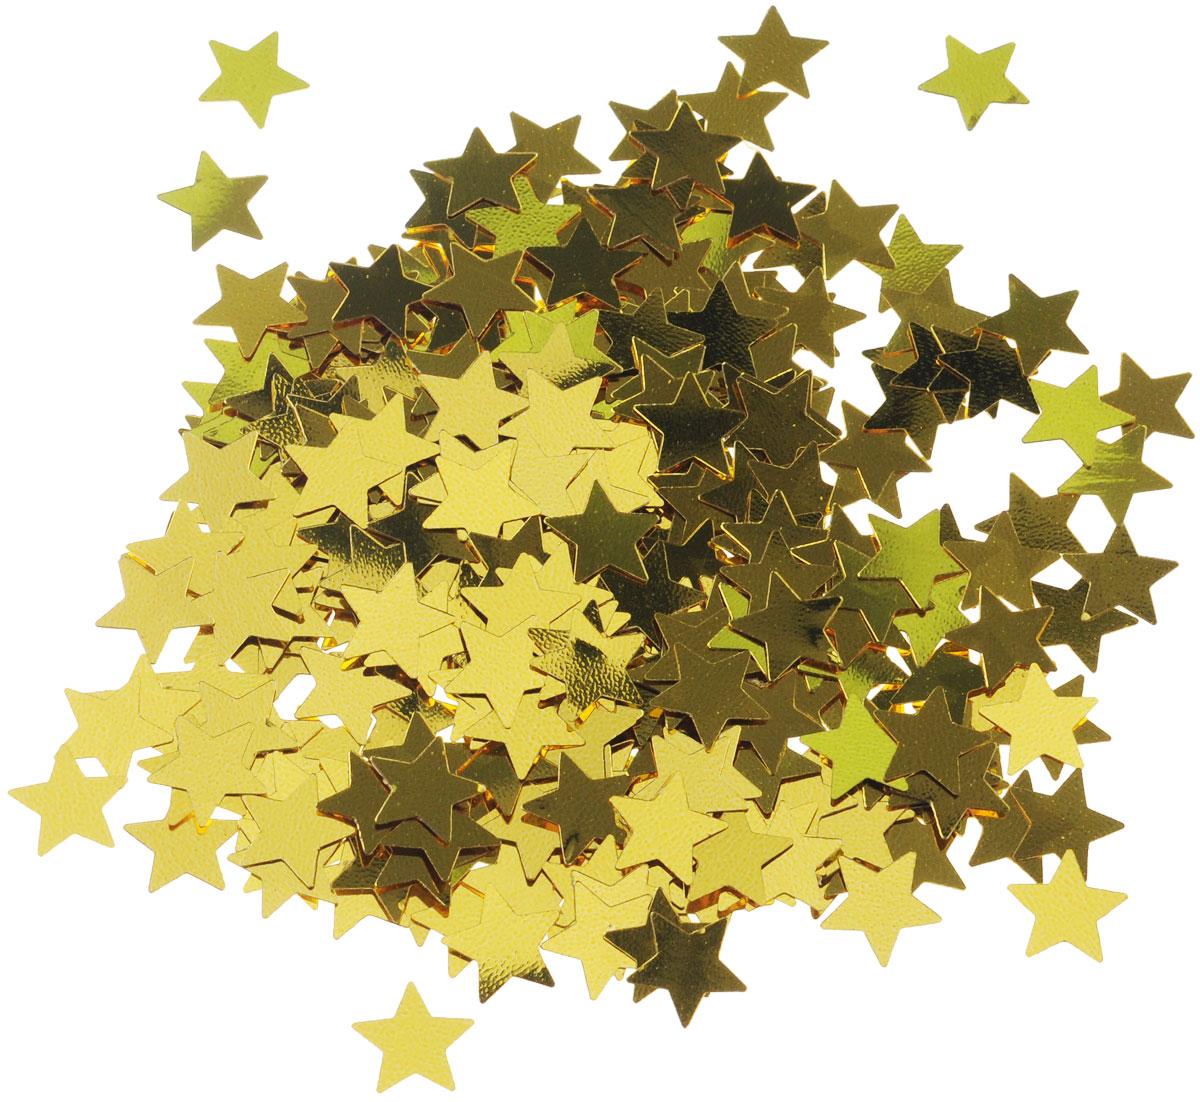 Веселая затея Конфетти Золотые звезды, 14 г1501-0192Конфетти Веселая затея Золотые звезды - неотъемлемый атрибут праздников, триумфальных шествий, а также свадебных торжеств. Выполнено из прочного материала в форме золотых звездочек. Конфетти осыпают друг друга участники празднеств или его сбрасывают сверху. Конфетти, рассыпанное на столе, является необычной и привлекательной формой украшения праздничного застолья. Еще один оригинальный способ порадовать друзей и близких - насыпьте конфетти в конверт с открыткой - это будет неожиданный сюрприз! Это чудесное украшение принесет в ваш дом или офис незабываемую атмосферу праздничного веселья!